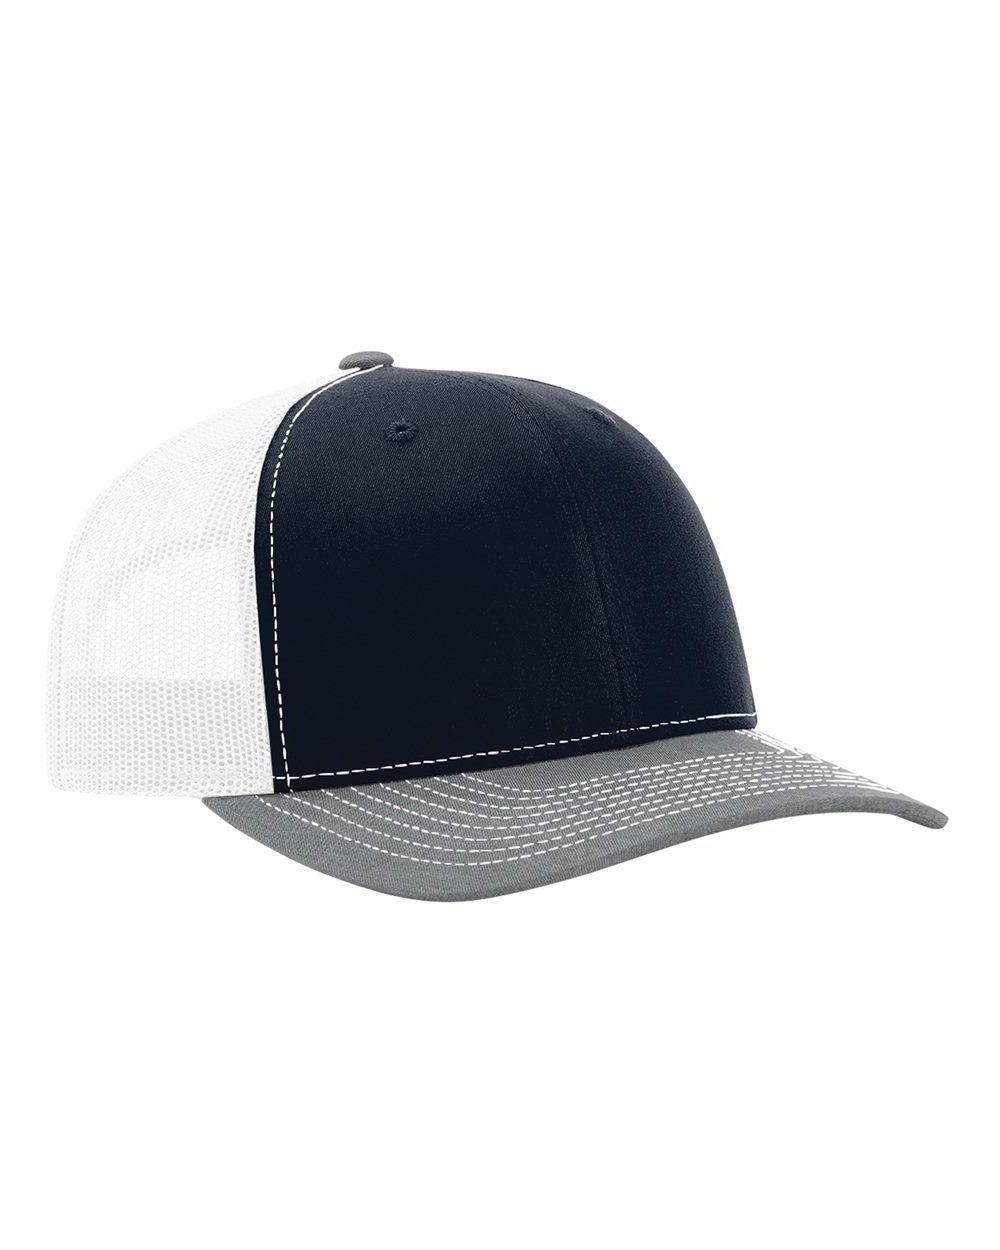 Trucker Cap Meshback Hat